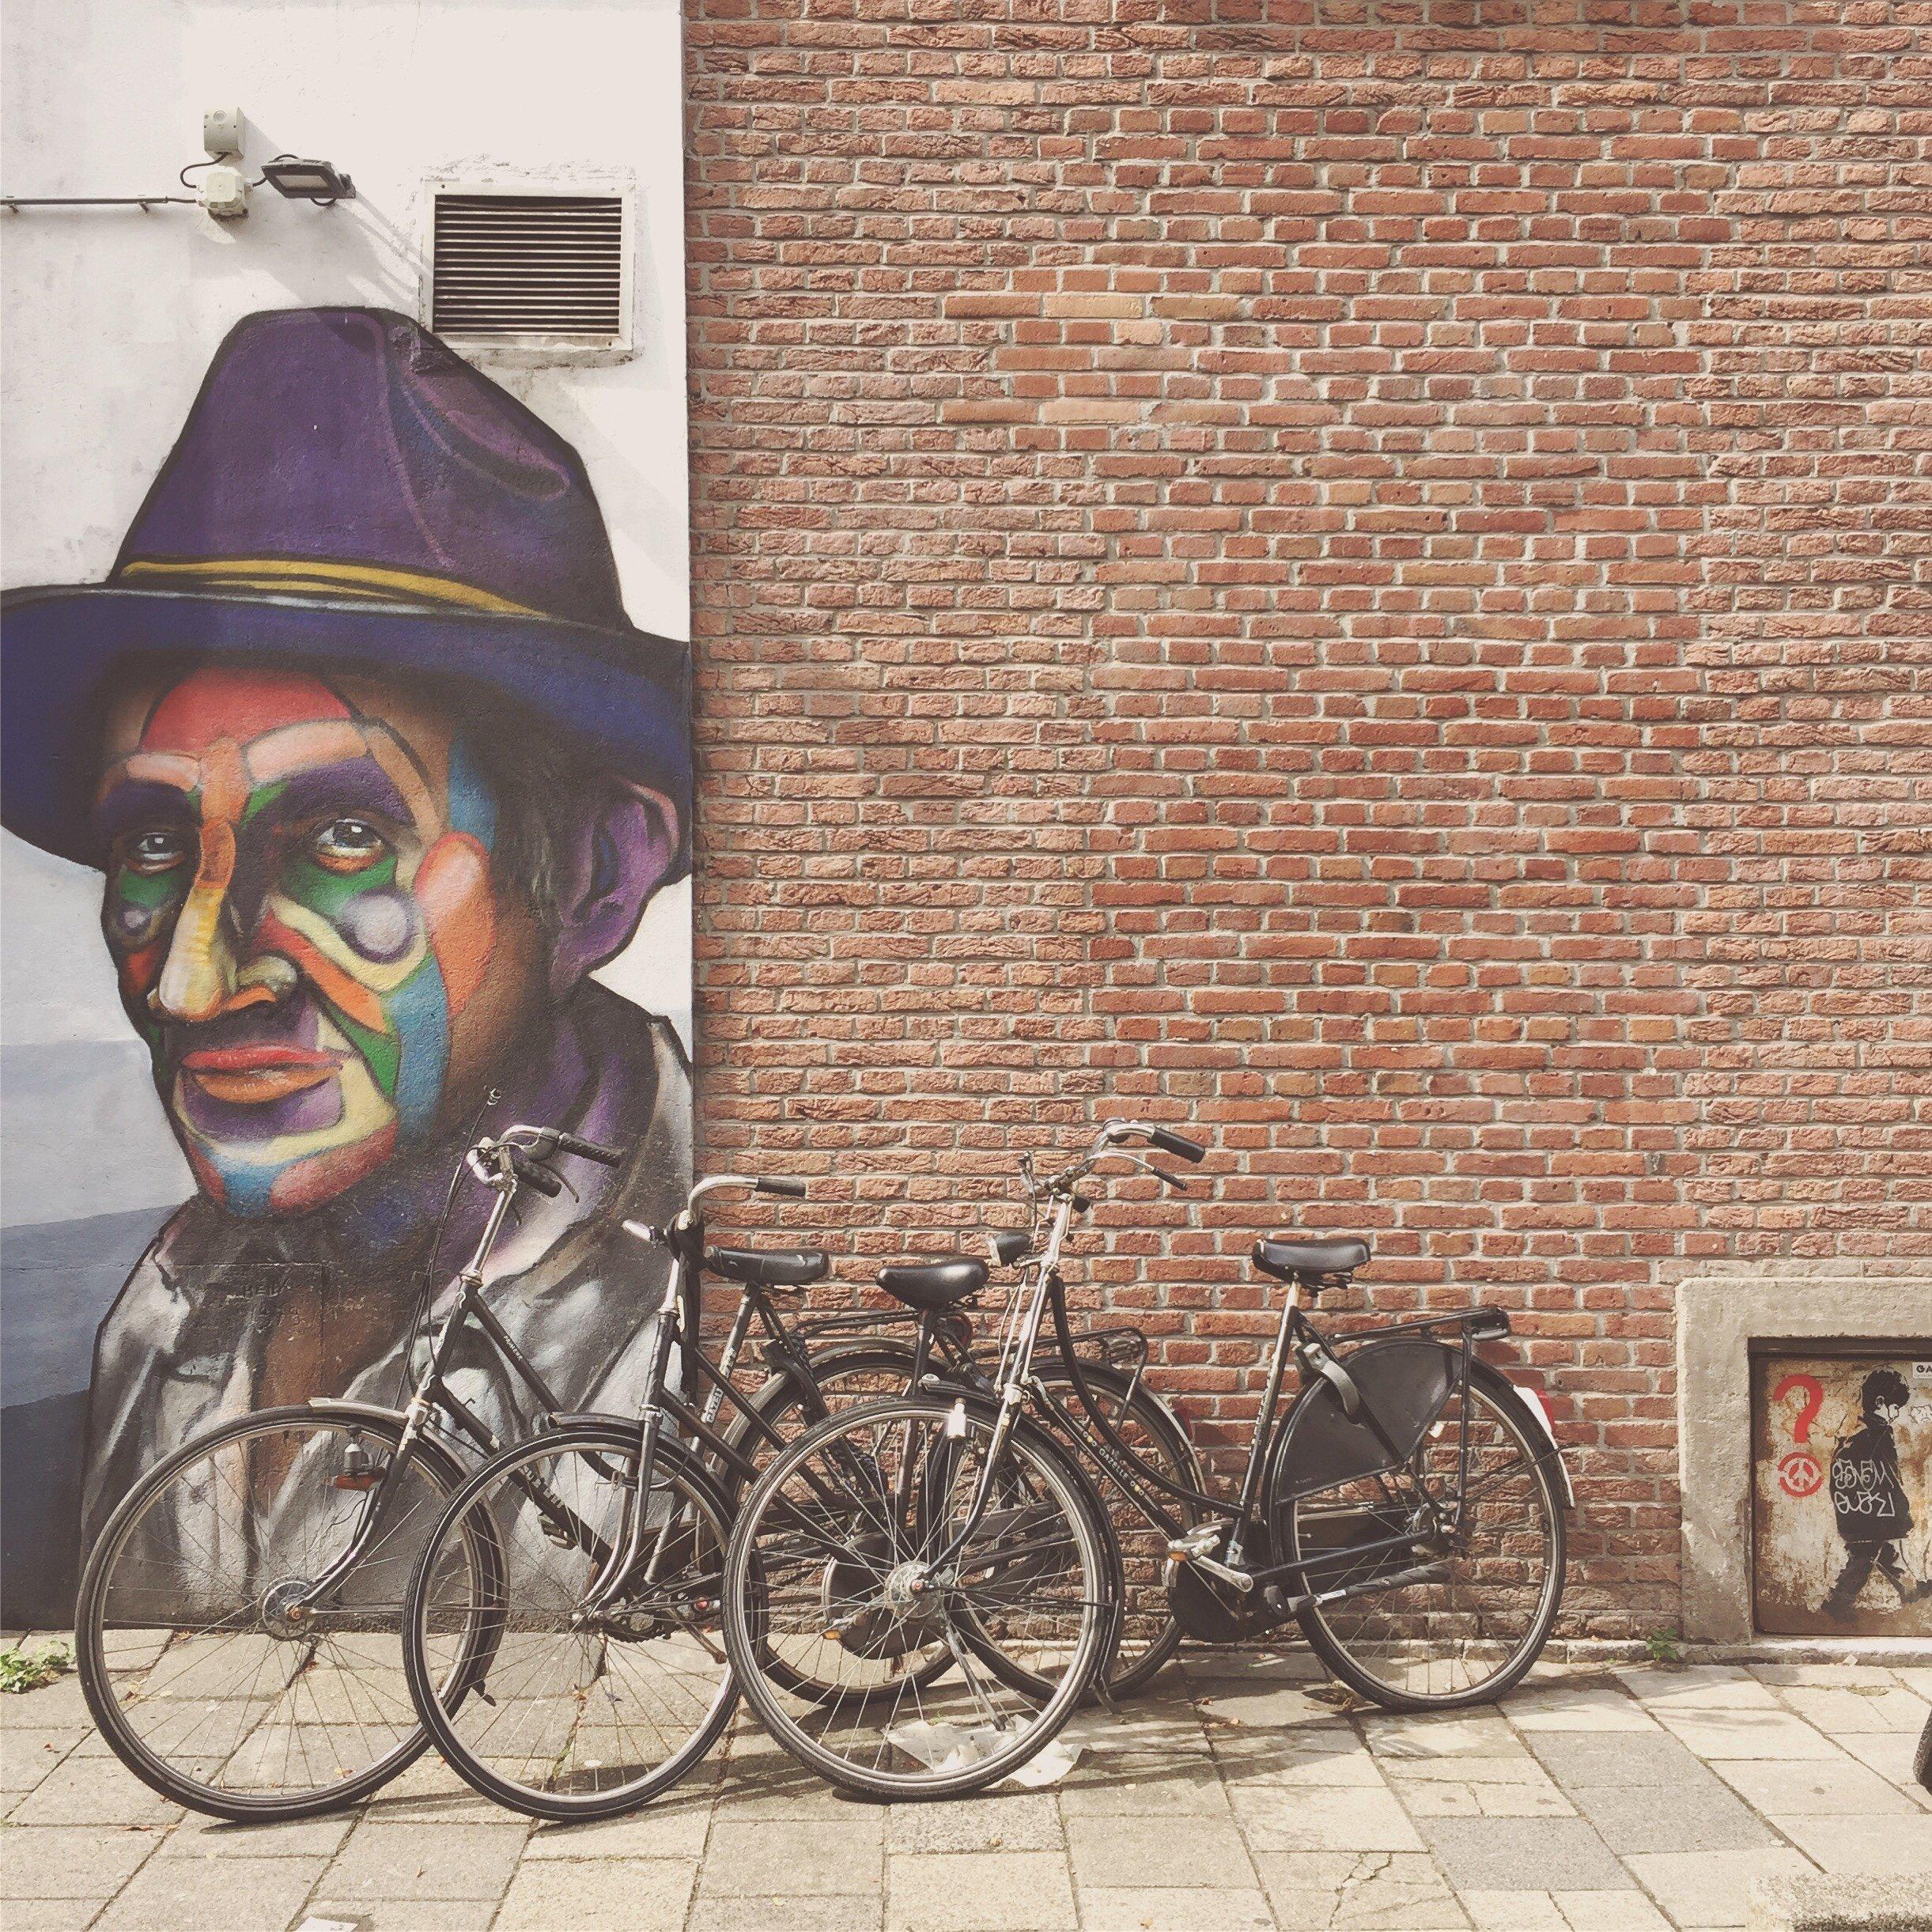 Street art near Witte de Withstraat